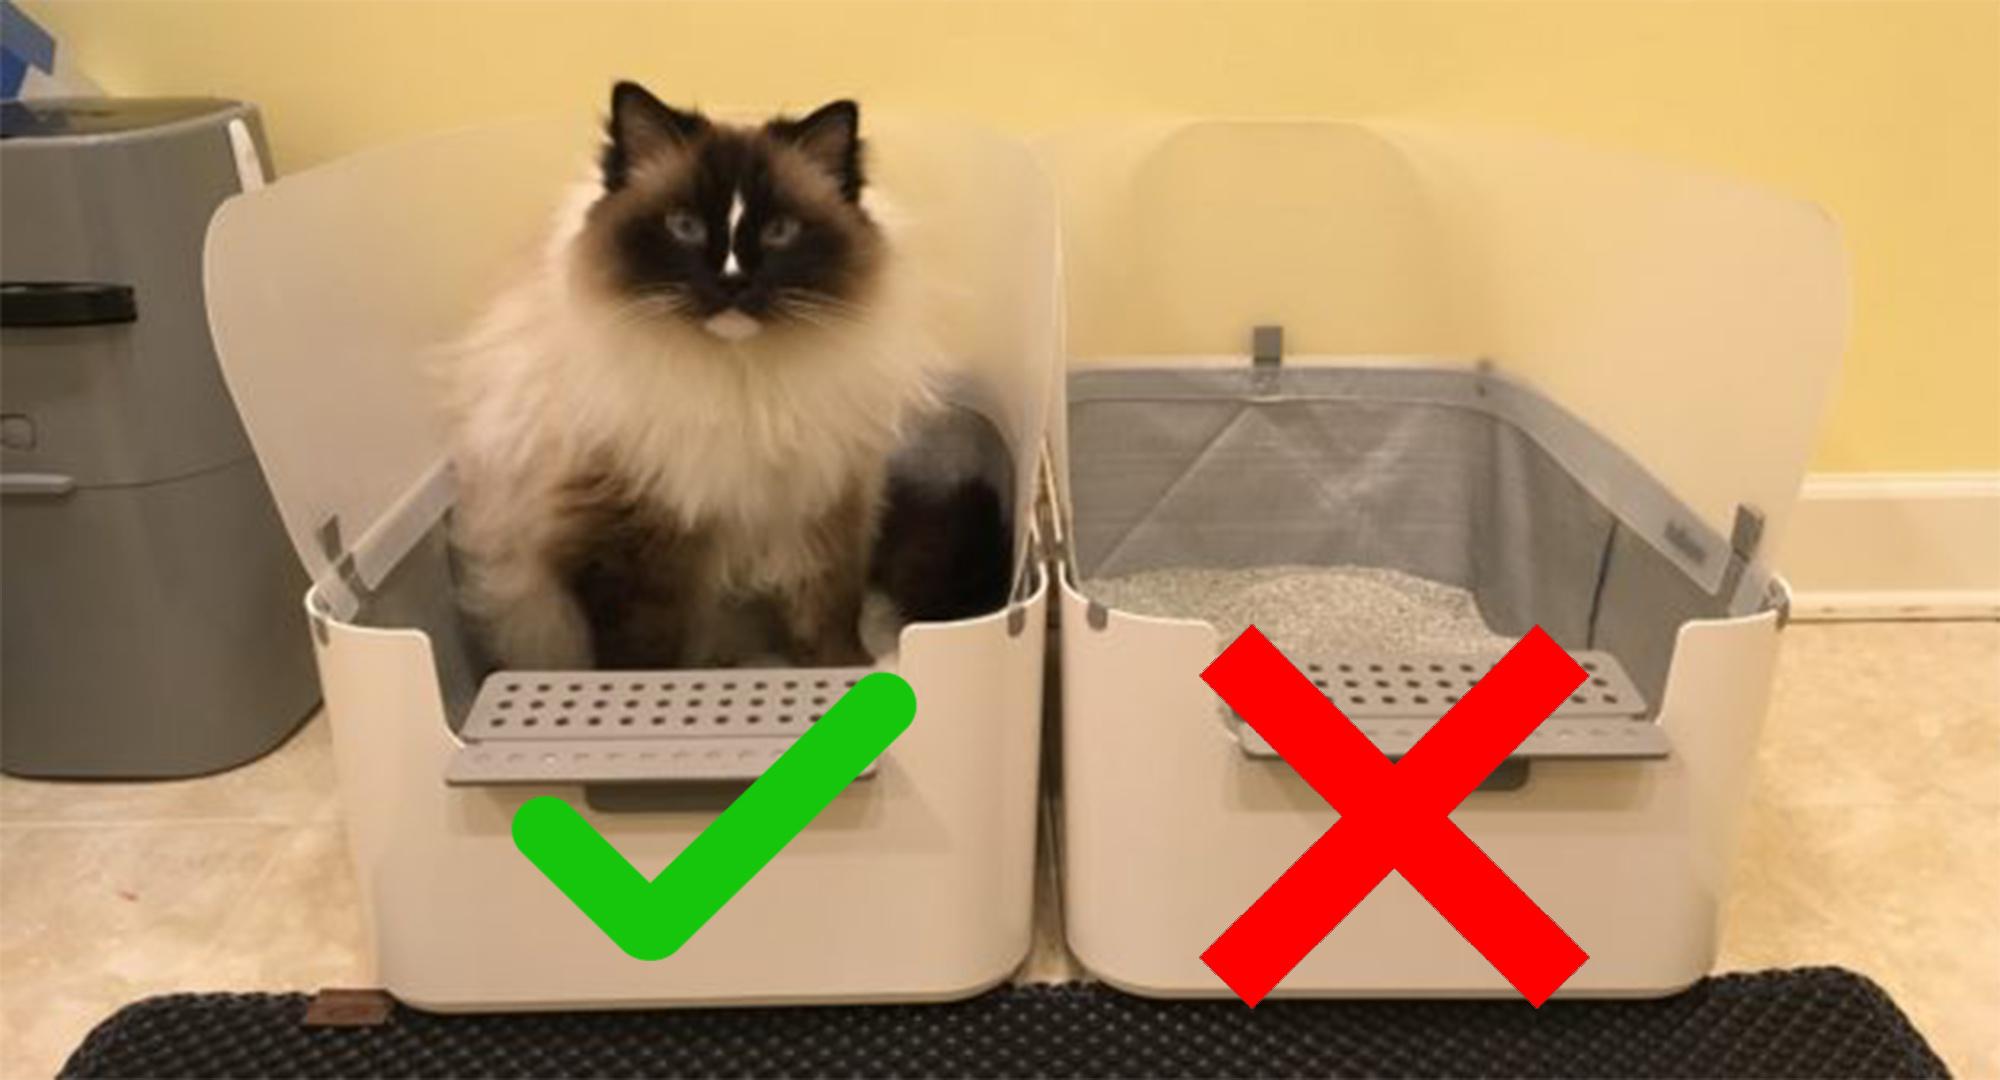 عکس انتخاب خاک مناسب یرای گربه